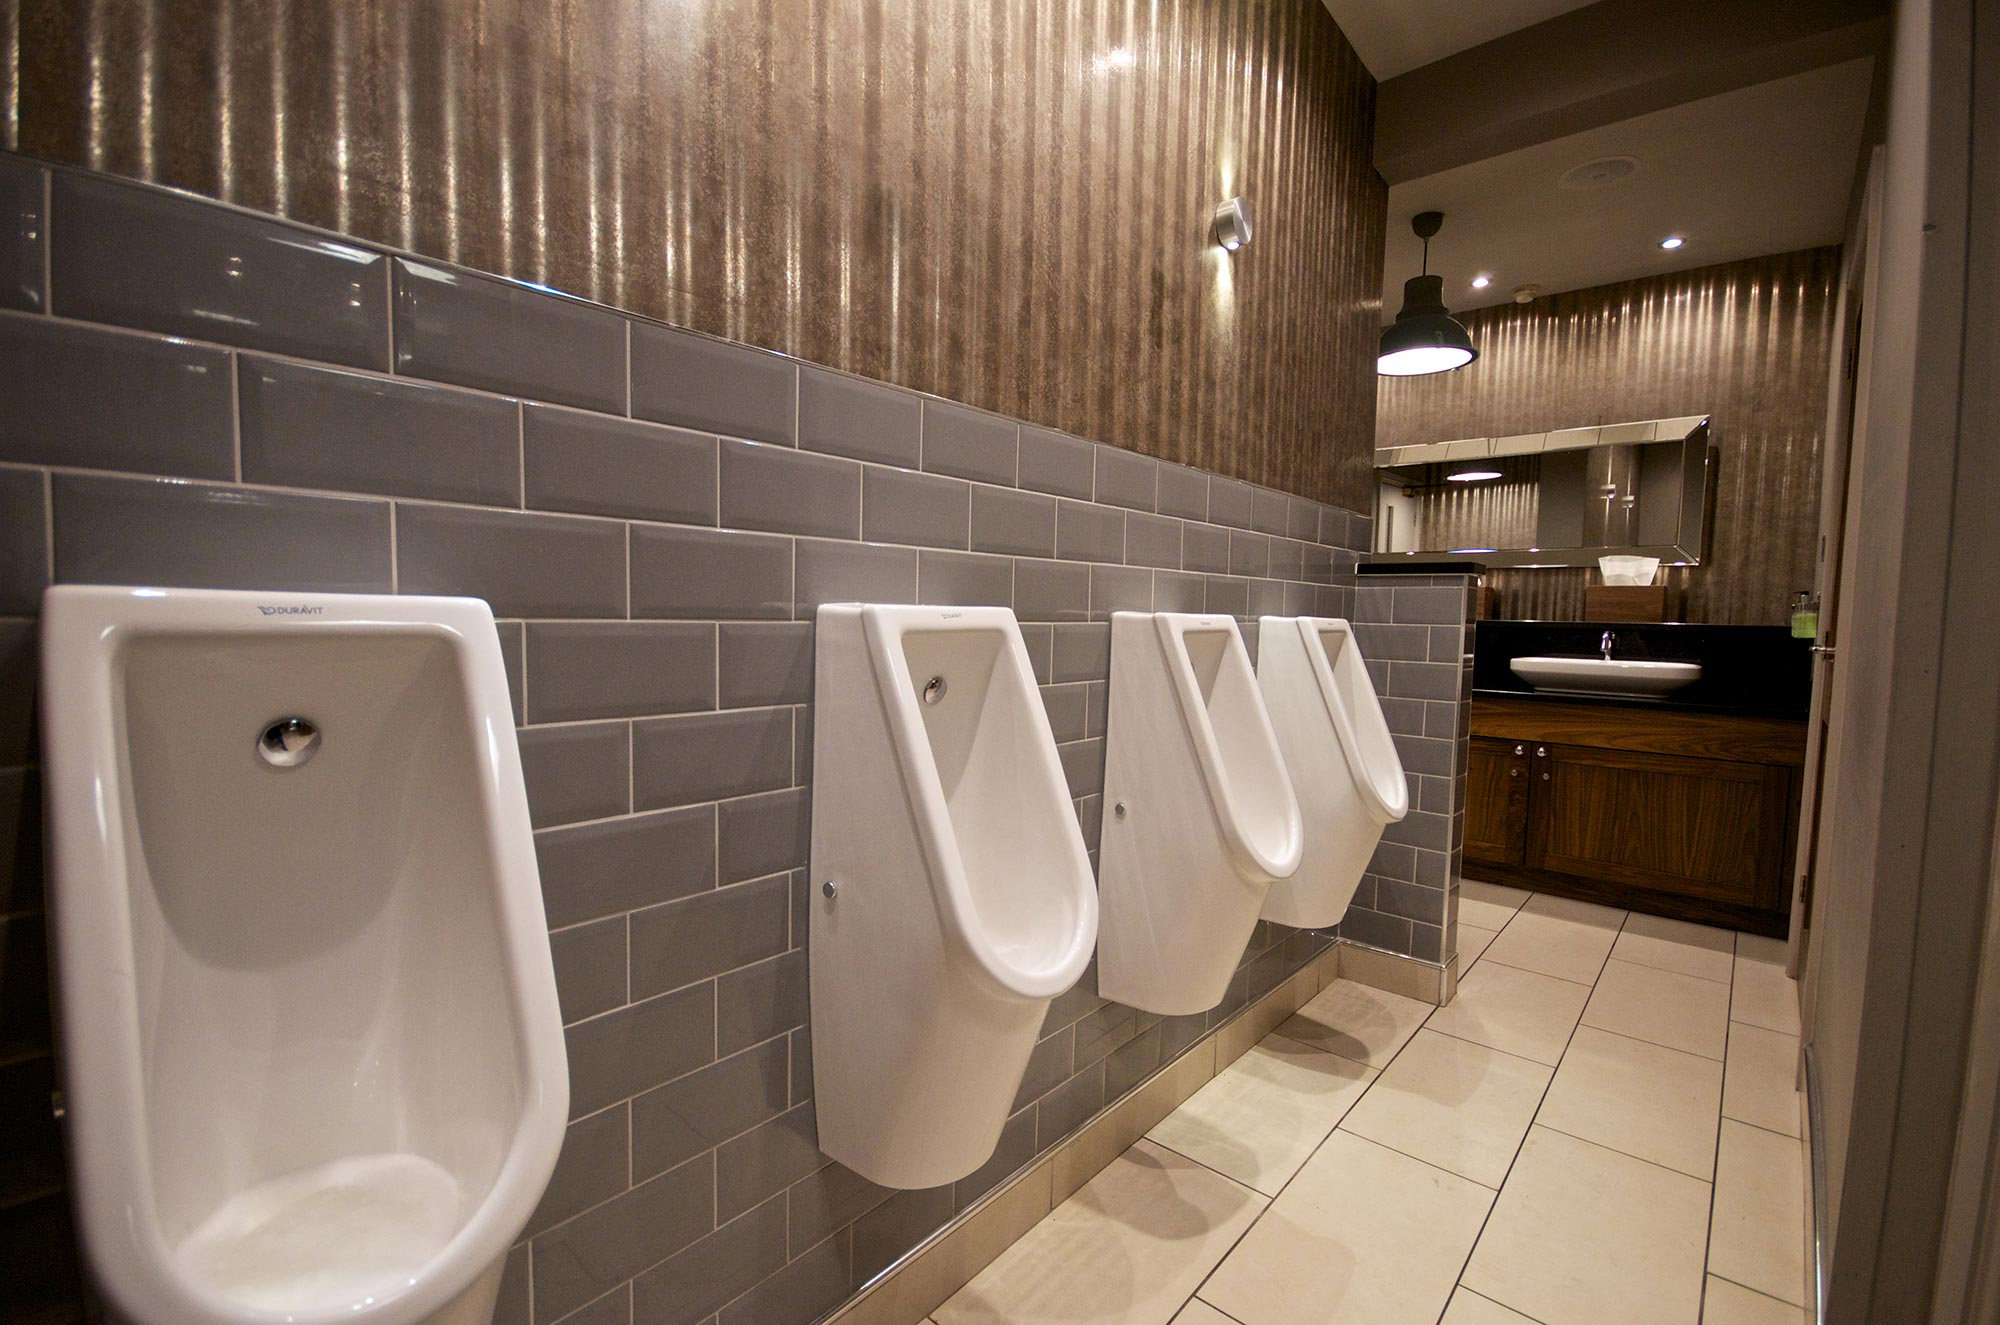 Horsley-Lodge-Toilet-Refurbishment-(2)